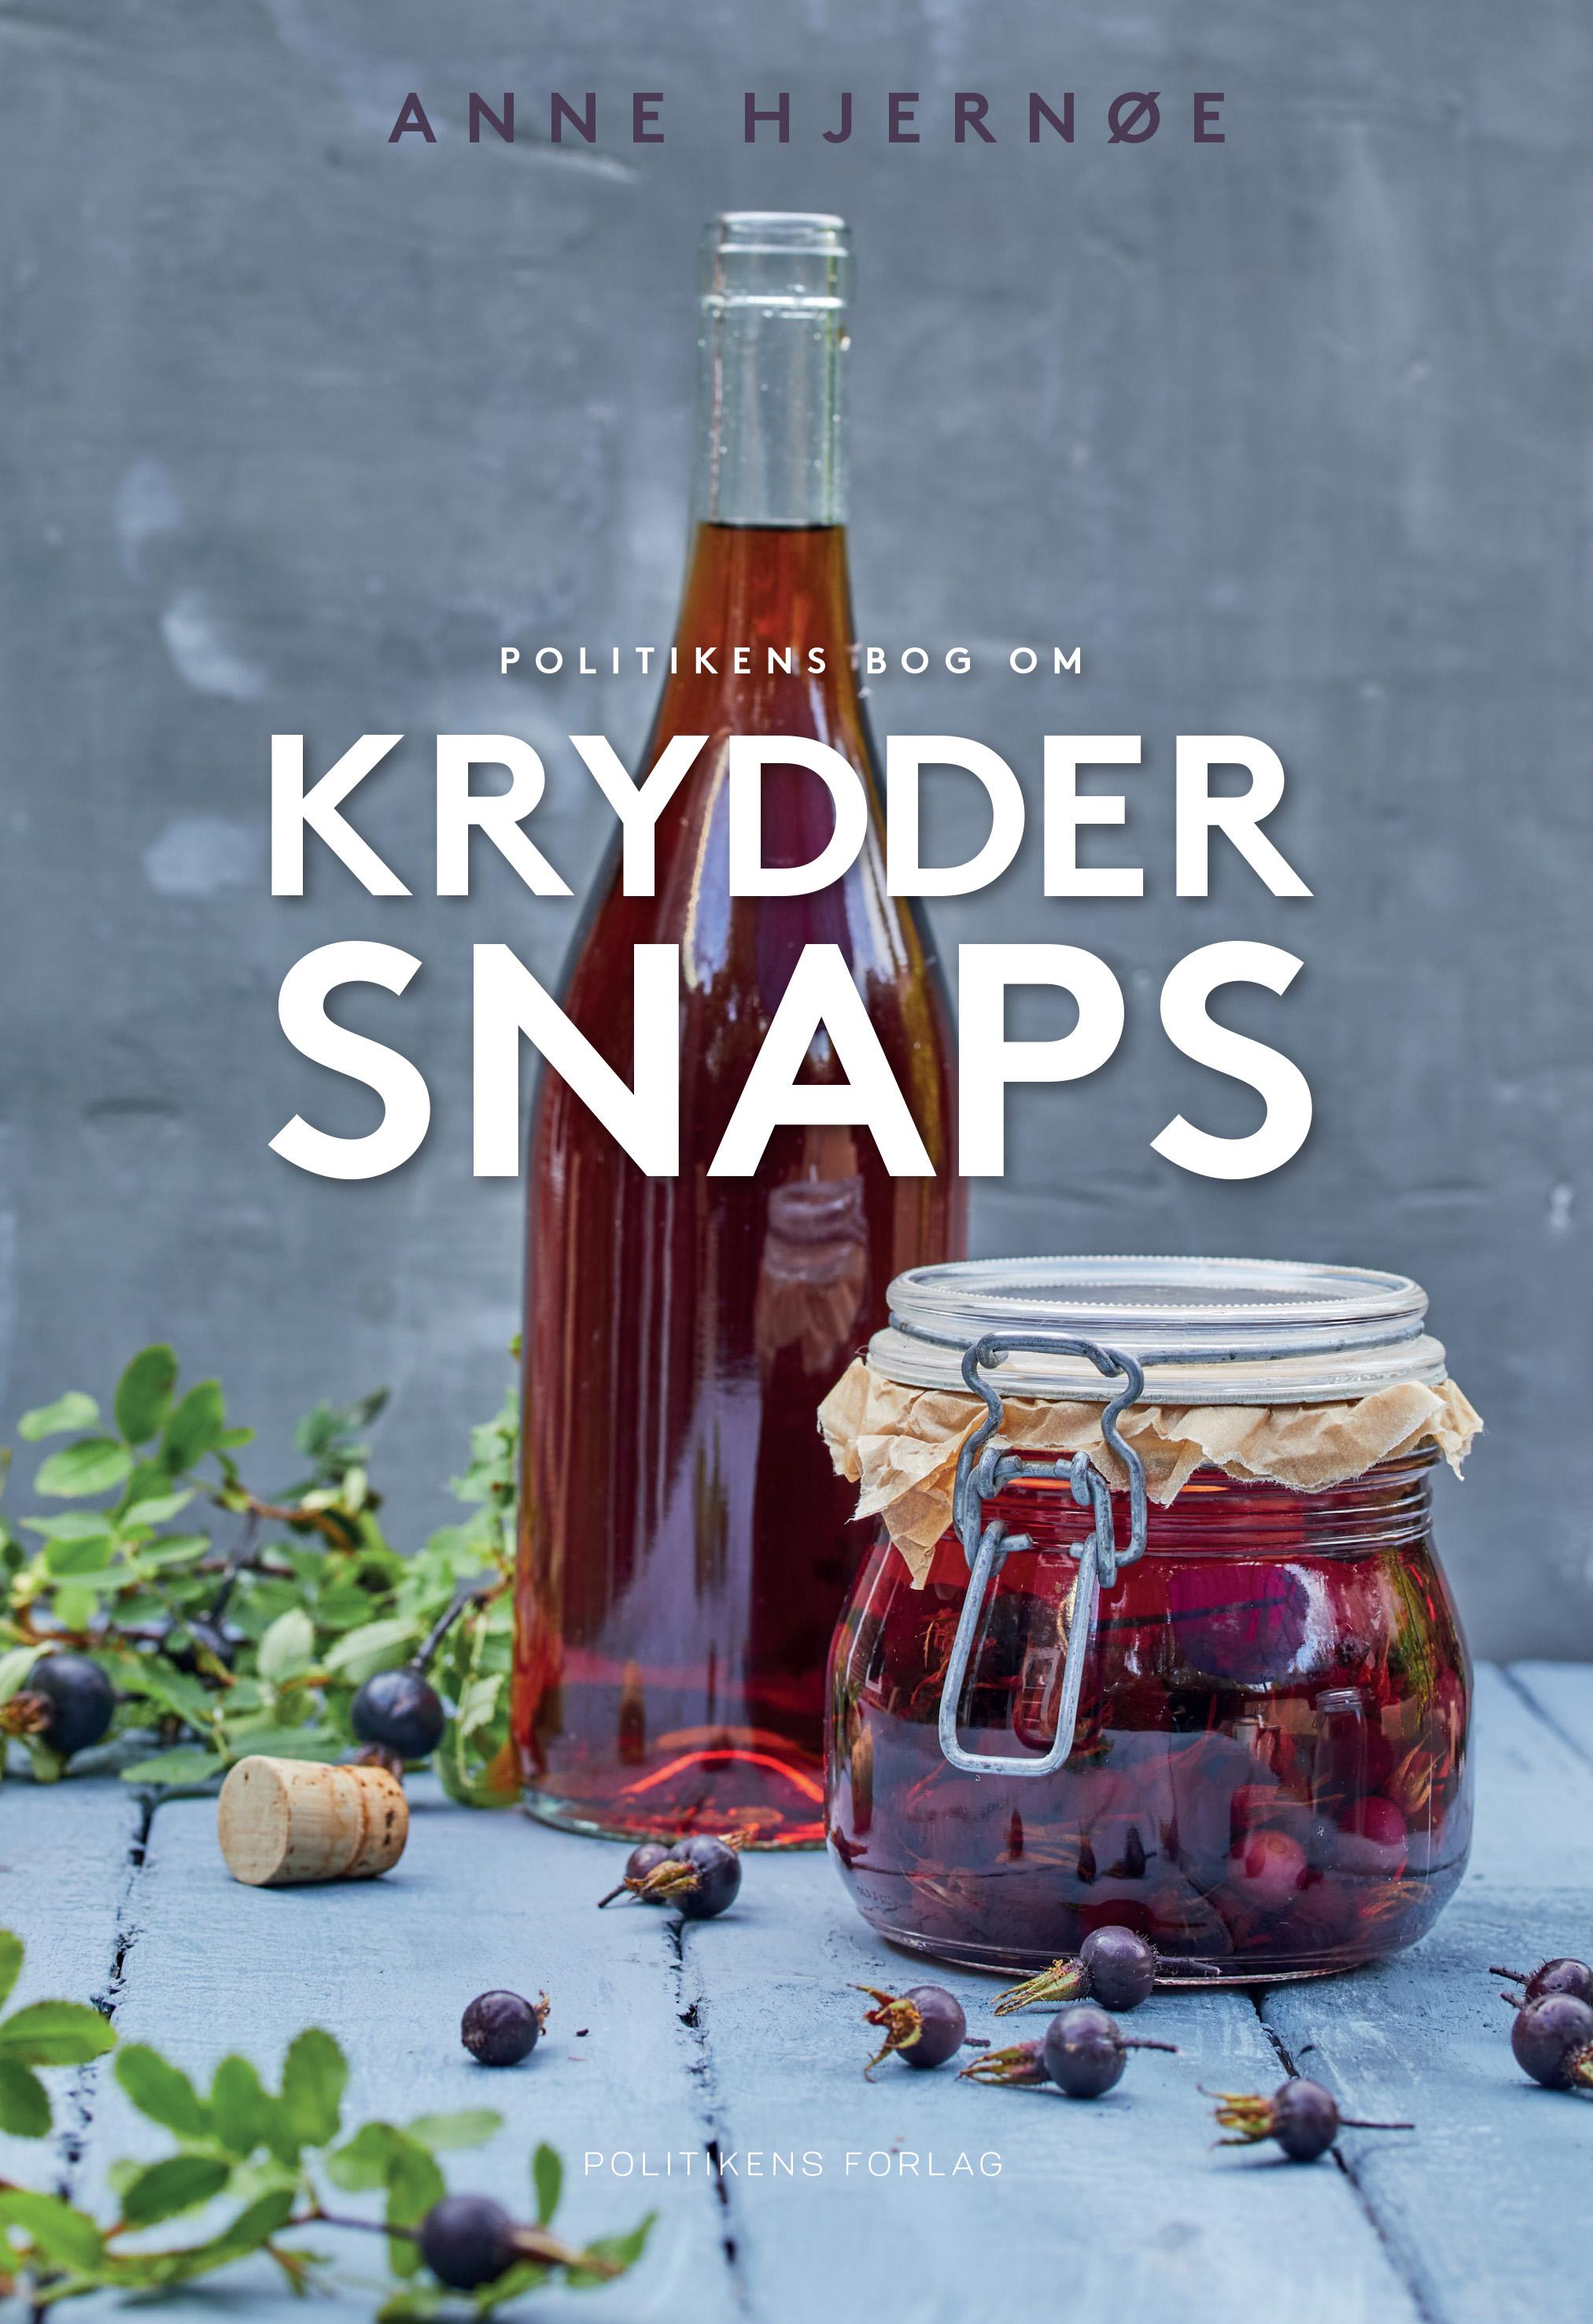 Politikens bog om kryddersnaps - Anne Hjernøe - Bøger - Politikens Forlag - 9788740051285 - 9/11-2018